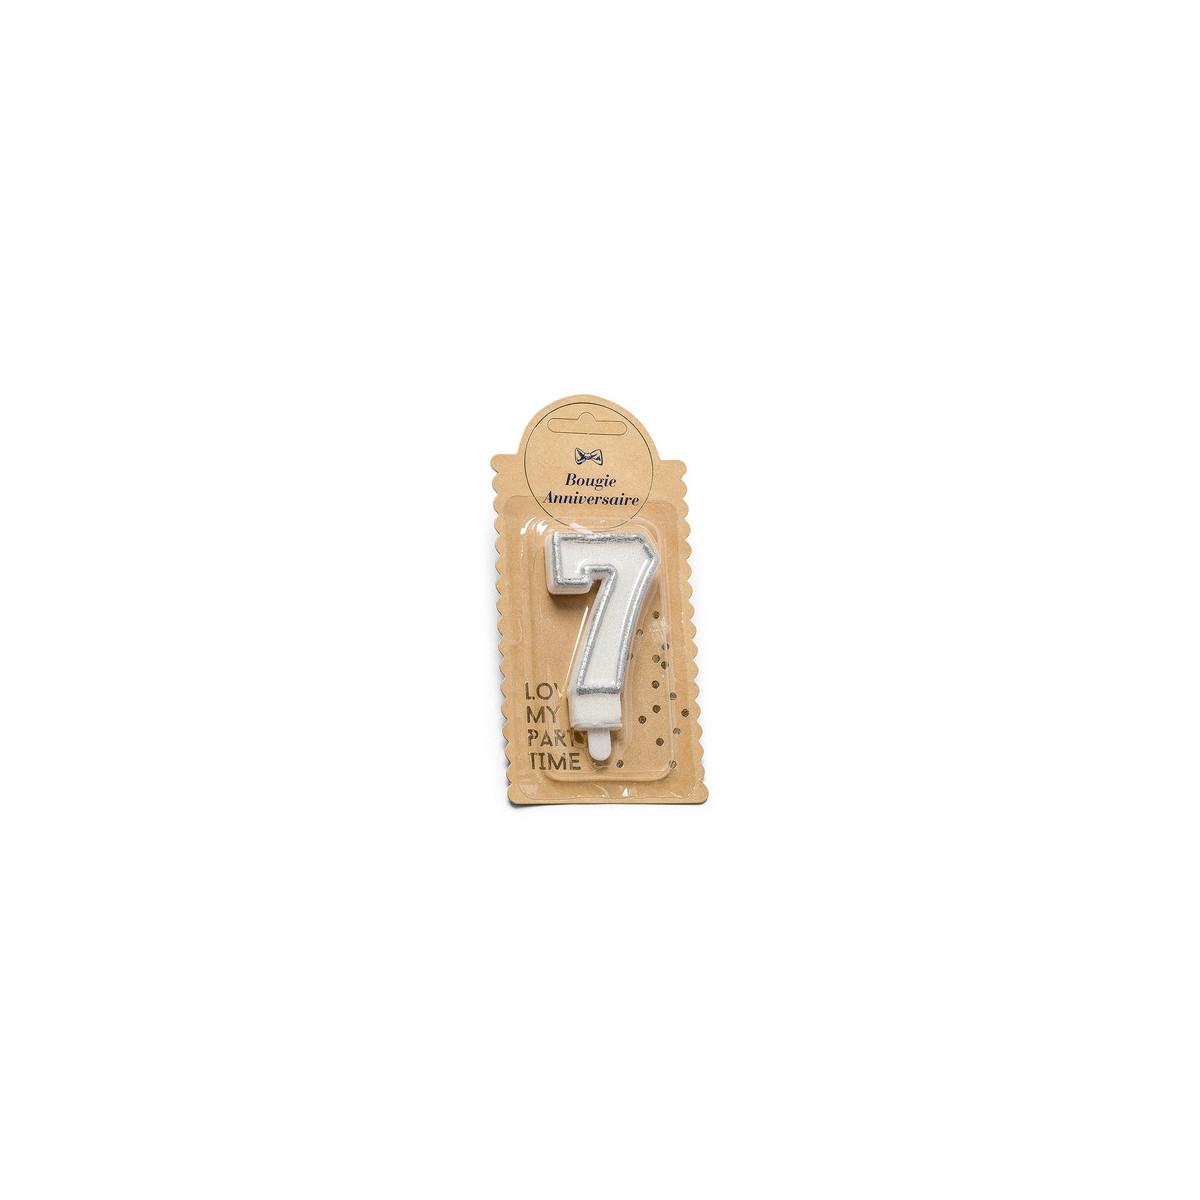 Bougie 7 ans paillette argent - 7.5 cm